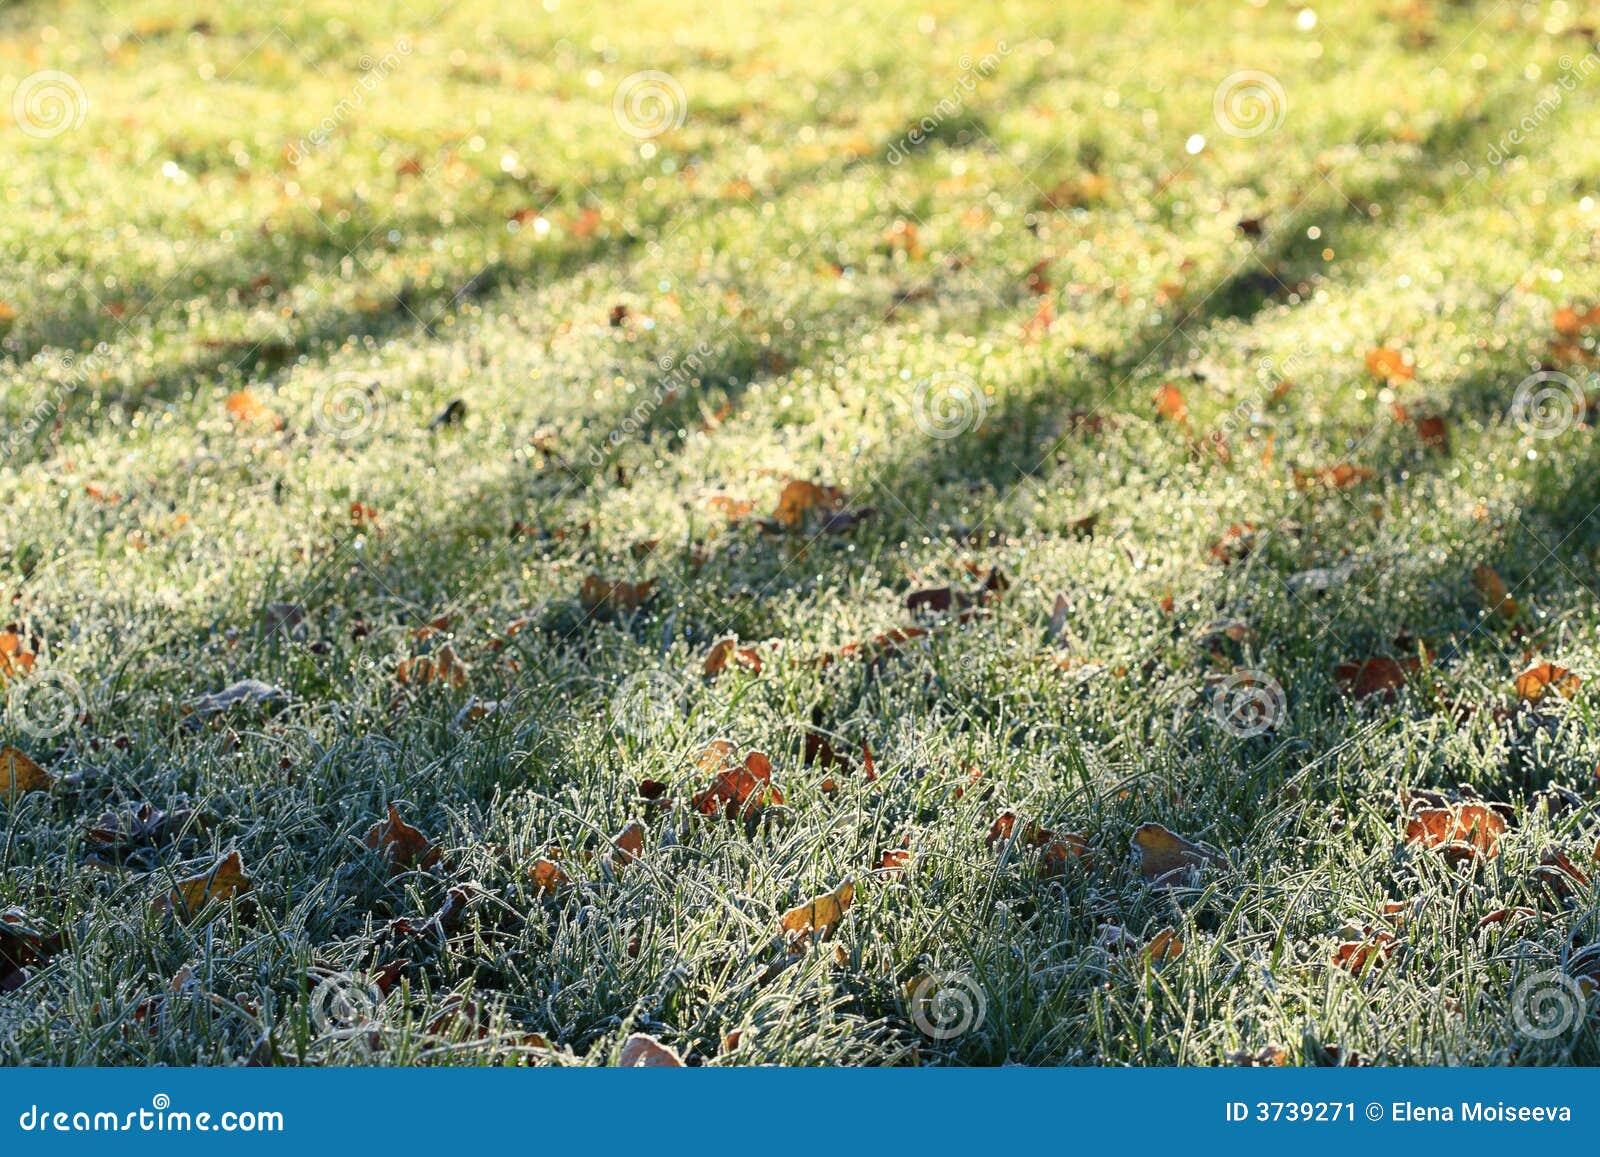 Green Grass winter field